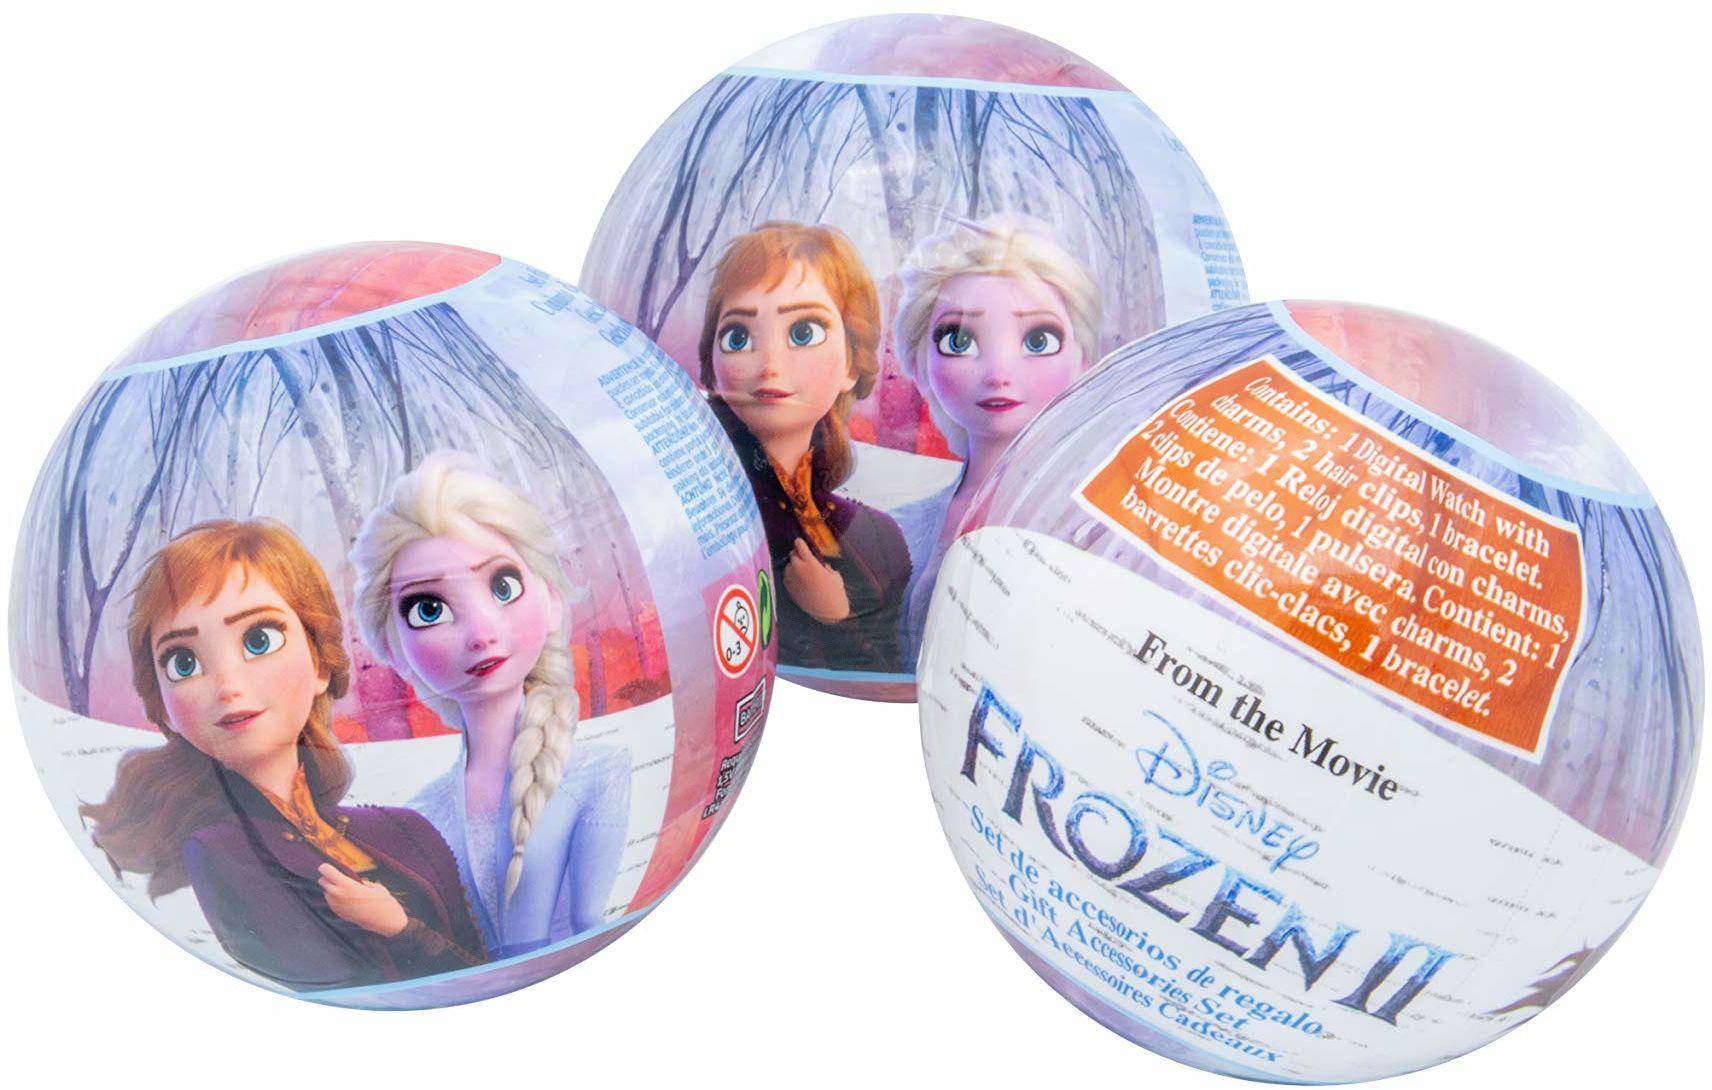 Disney Frozen Diney Frozen II kula niespodzianka, 7 cm, z wyświetlaczem LCD, bransoletką, 2 zawieszkami na zegarek i 2 spinkami do włosów 1